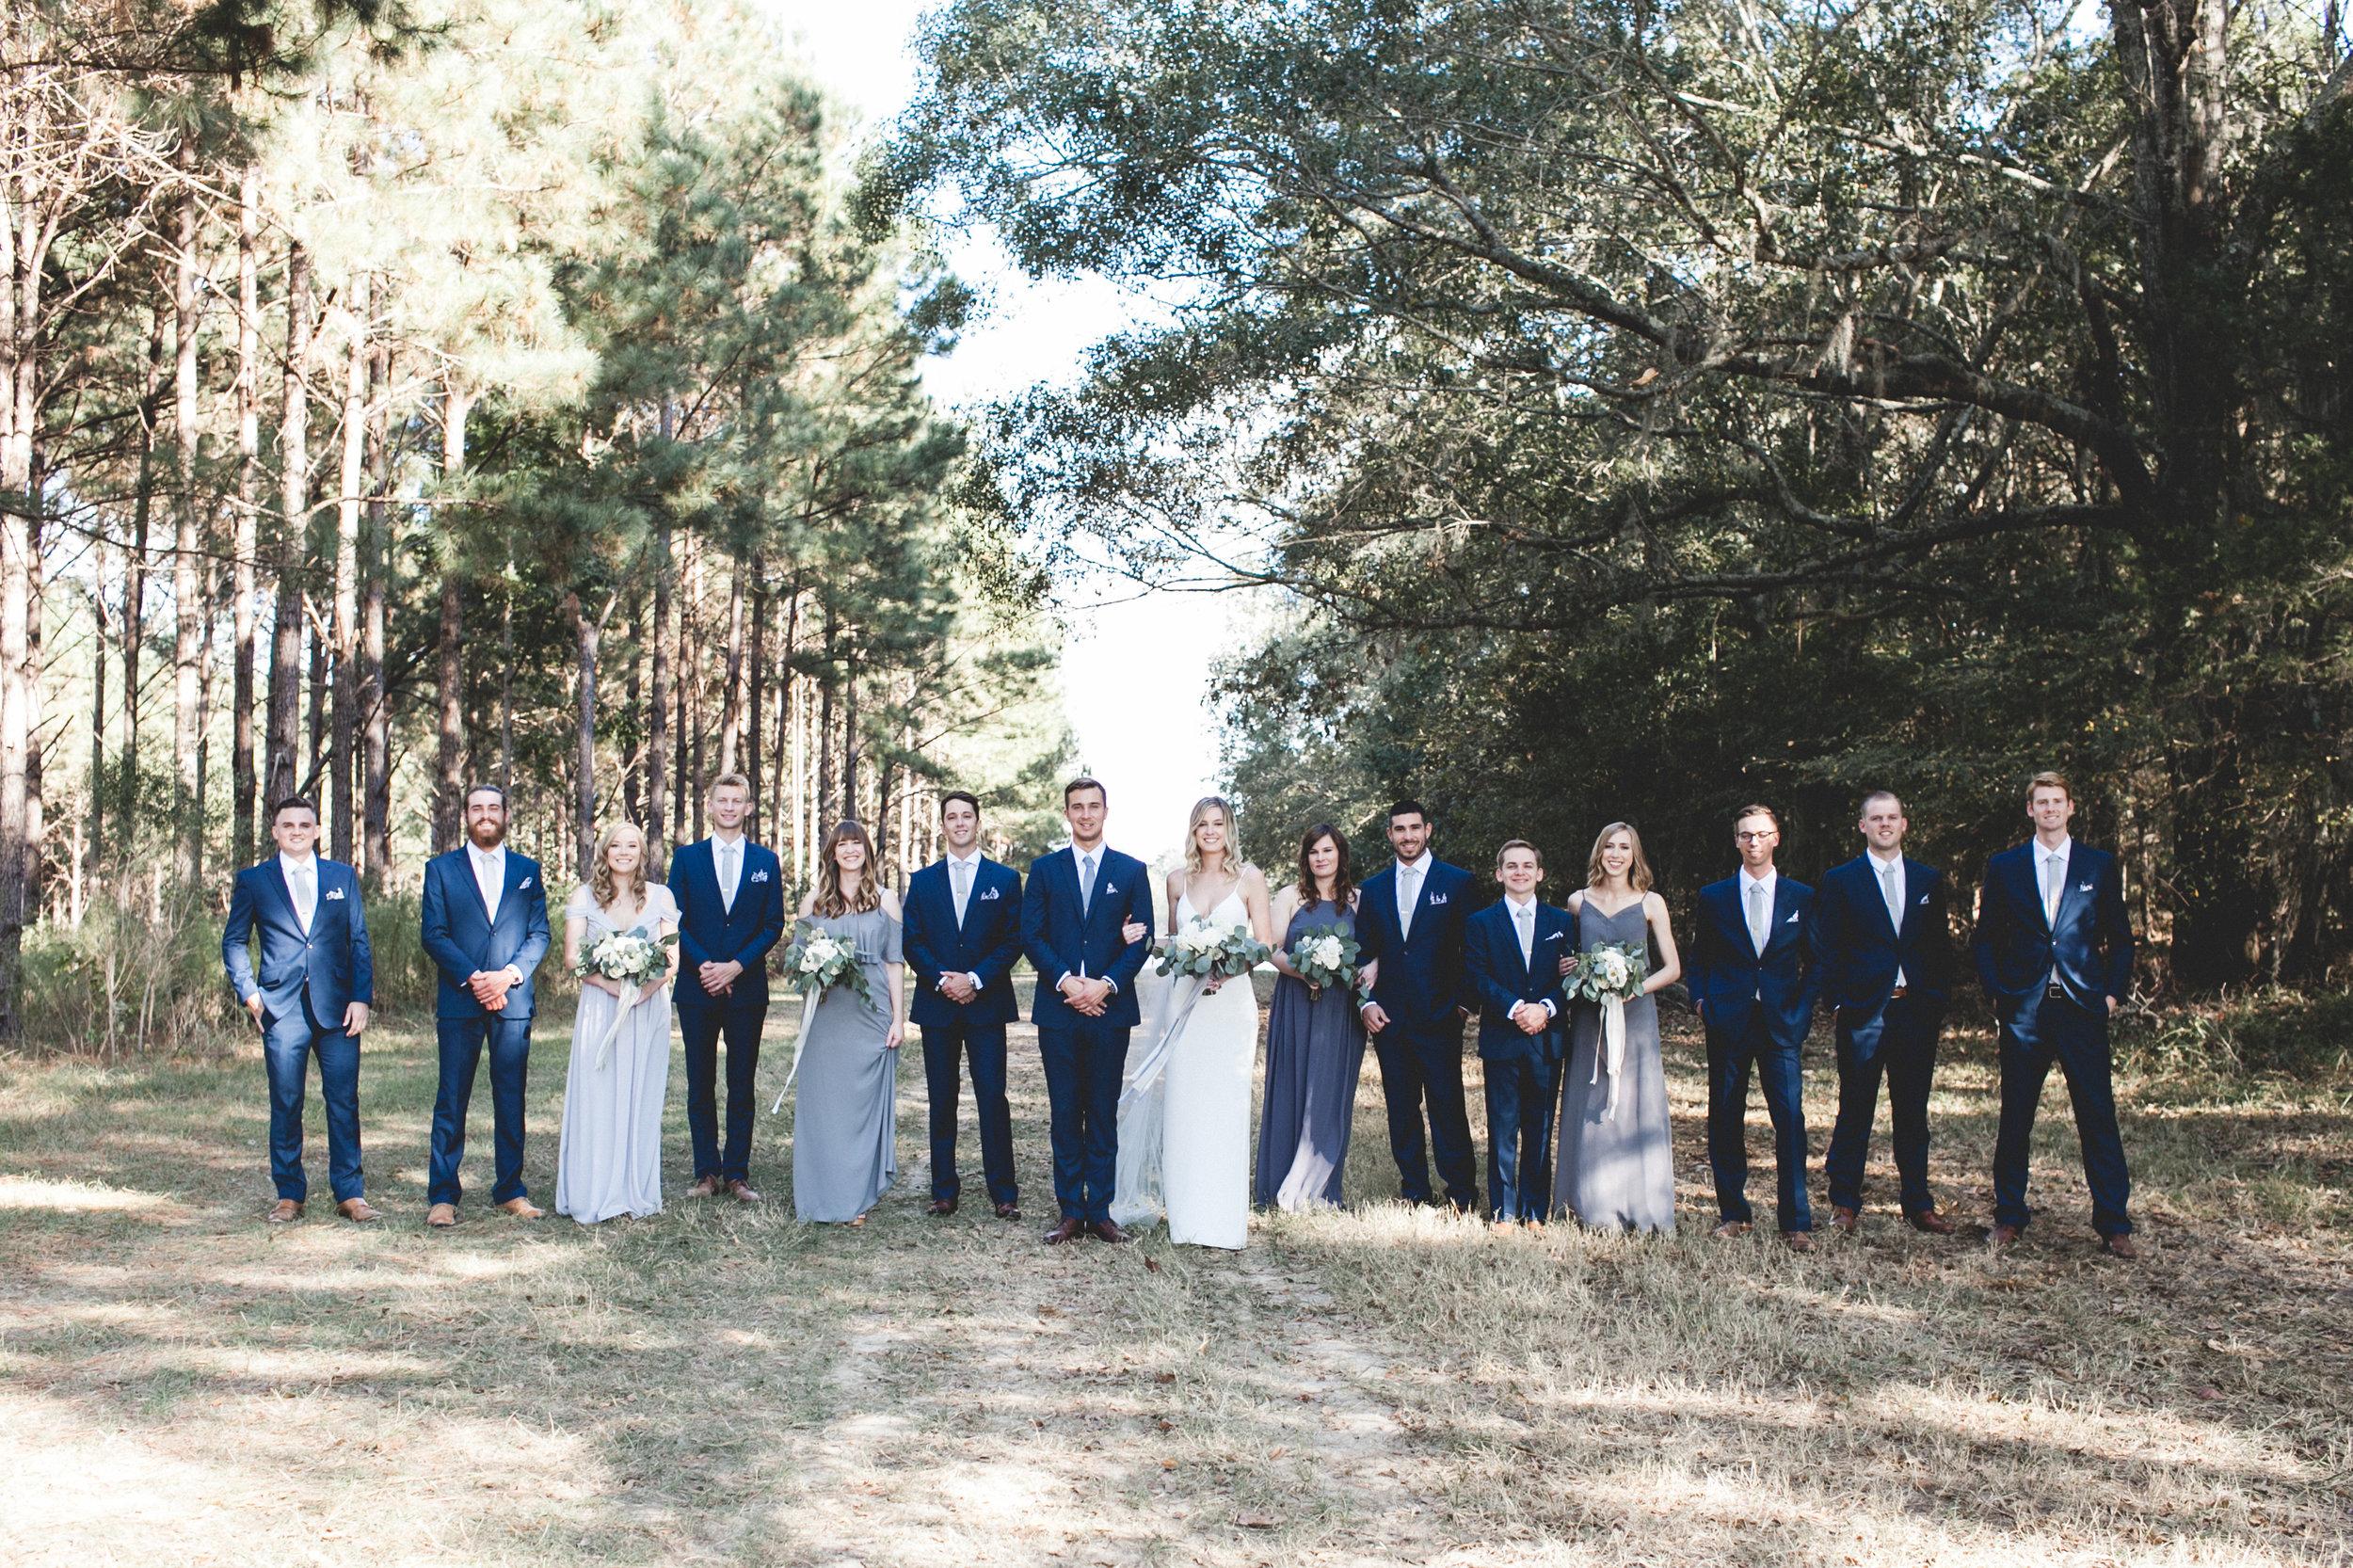 Beth_Garr_Wedding Party-5.jpg